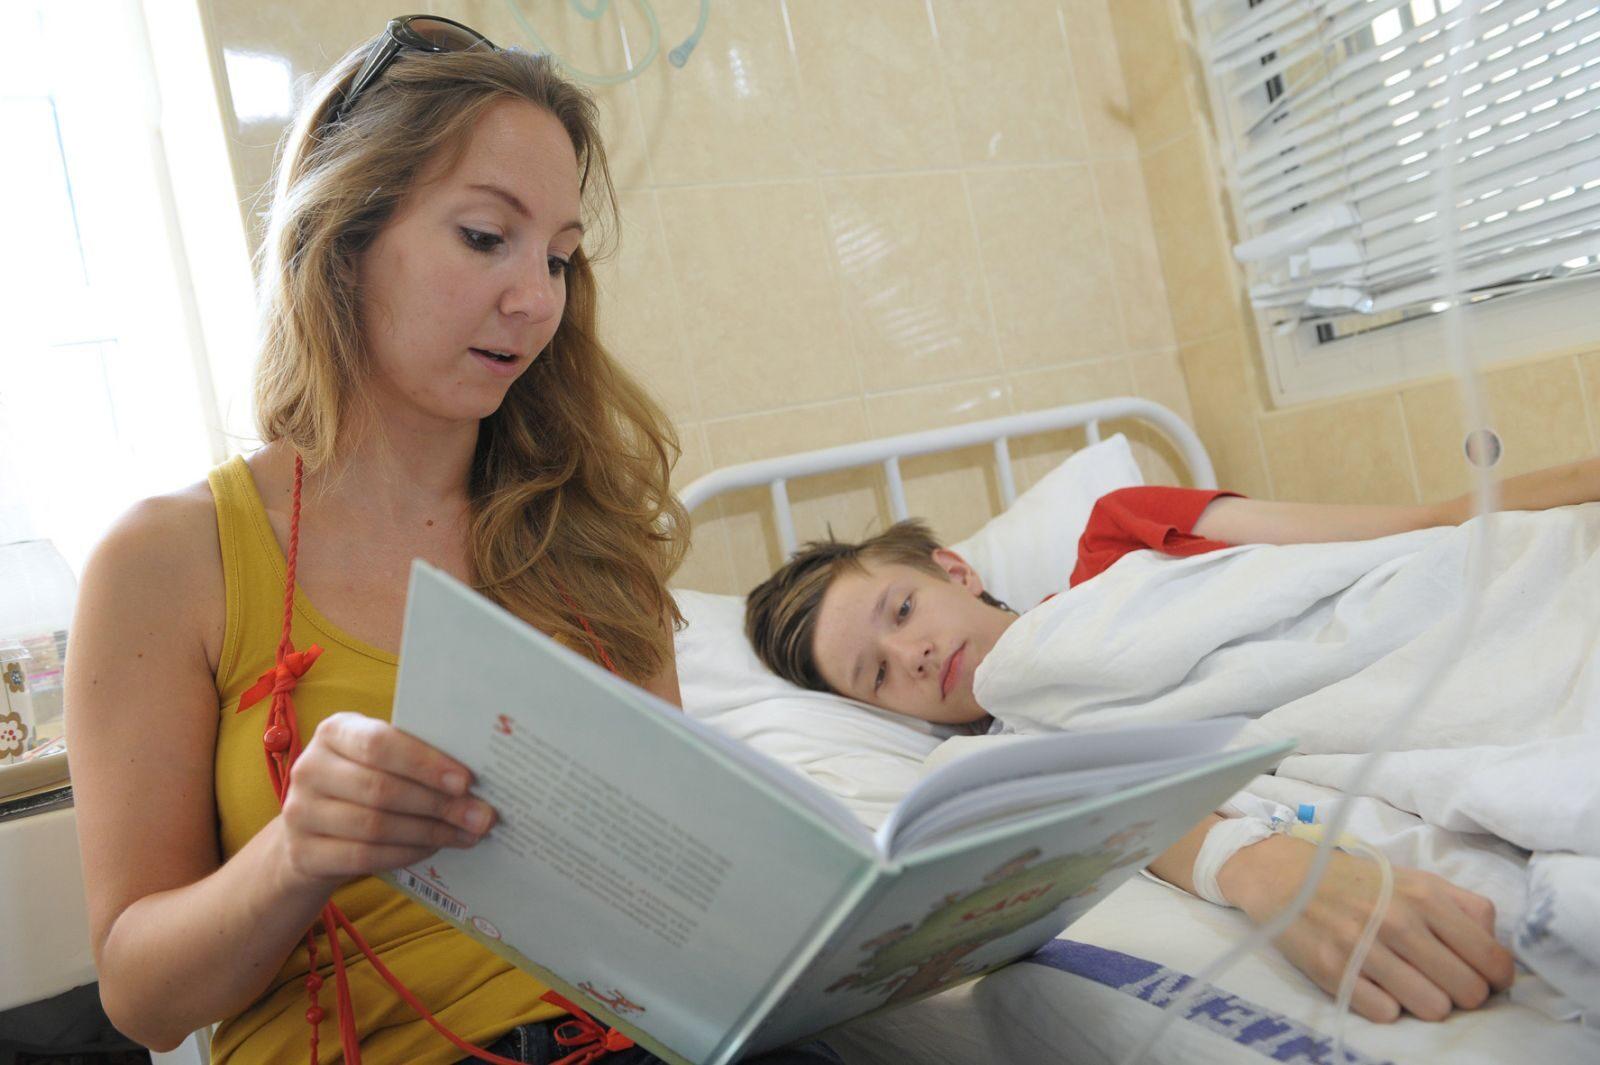 hogyan kezelik a pikkelysmr a kórházban derm krm pikkelysmr